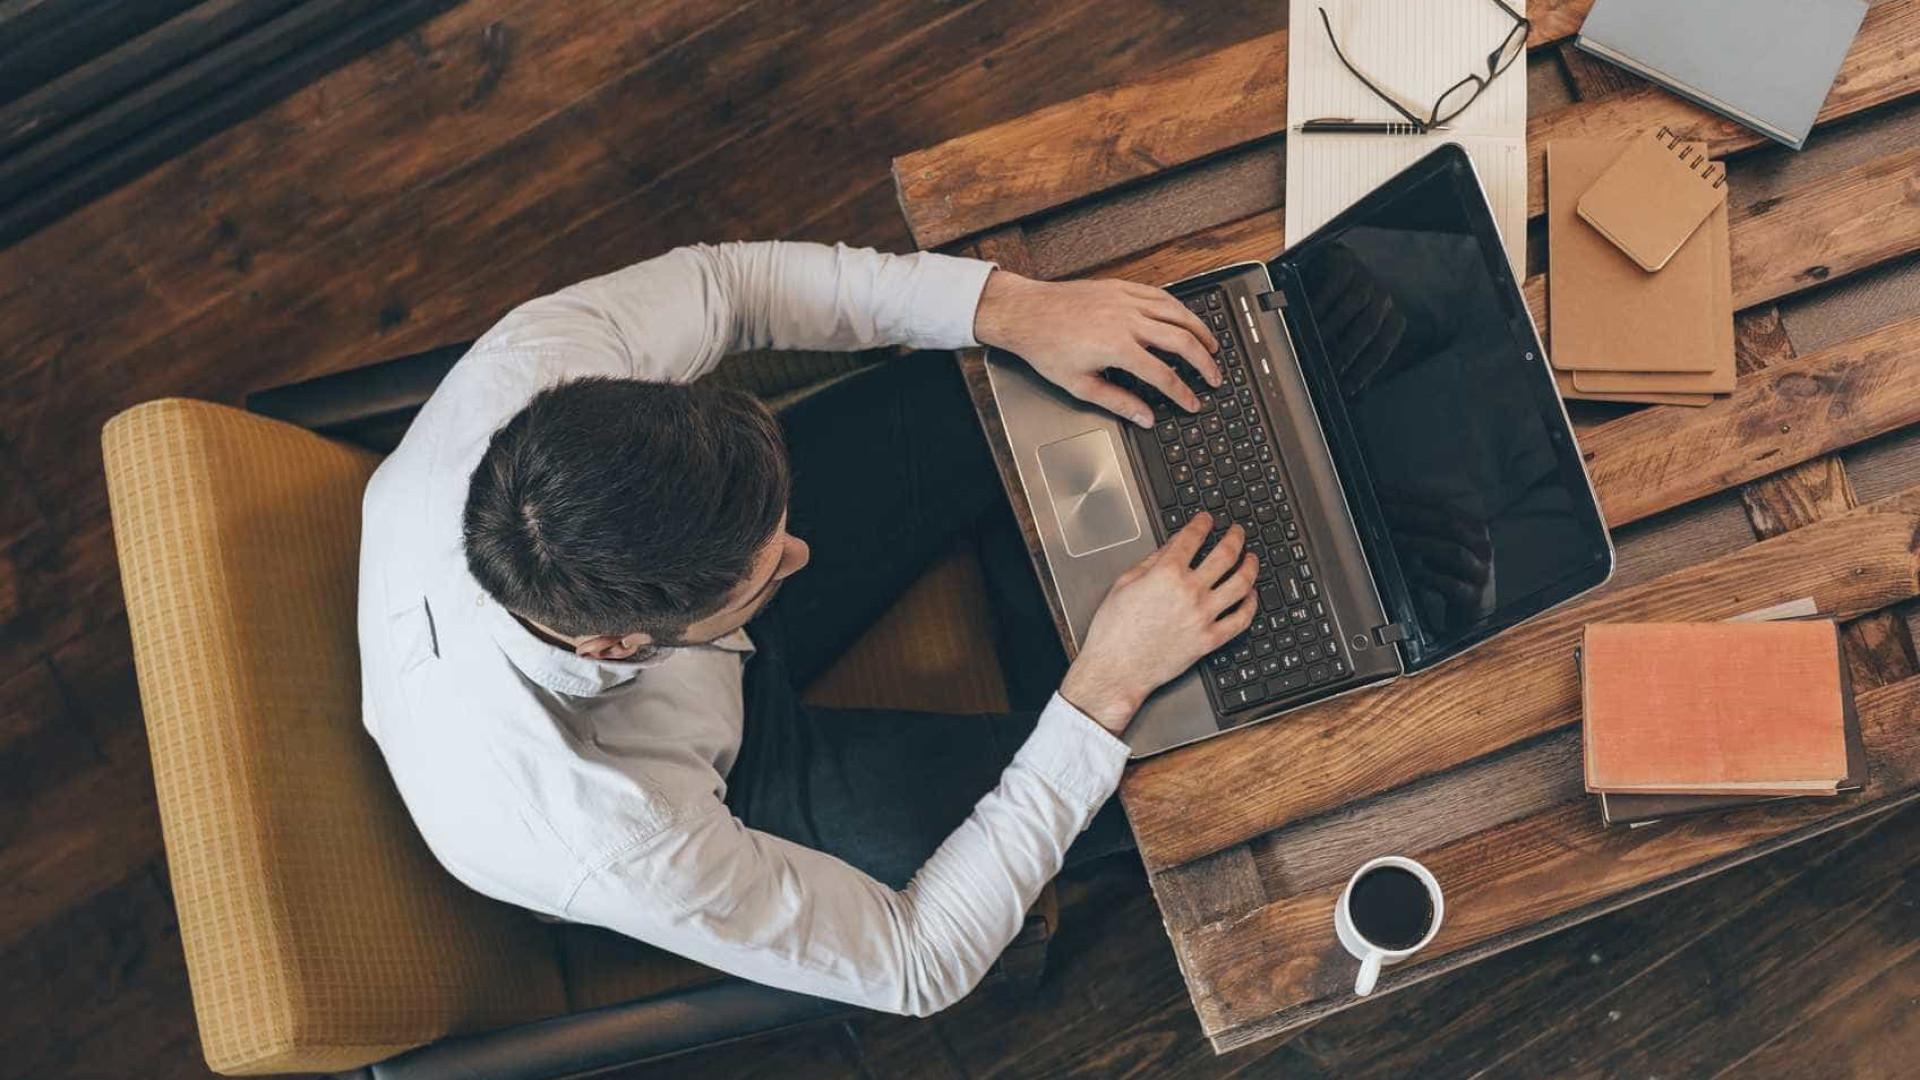 Aprenda a otimizar o tempo de trabalho